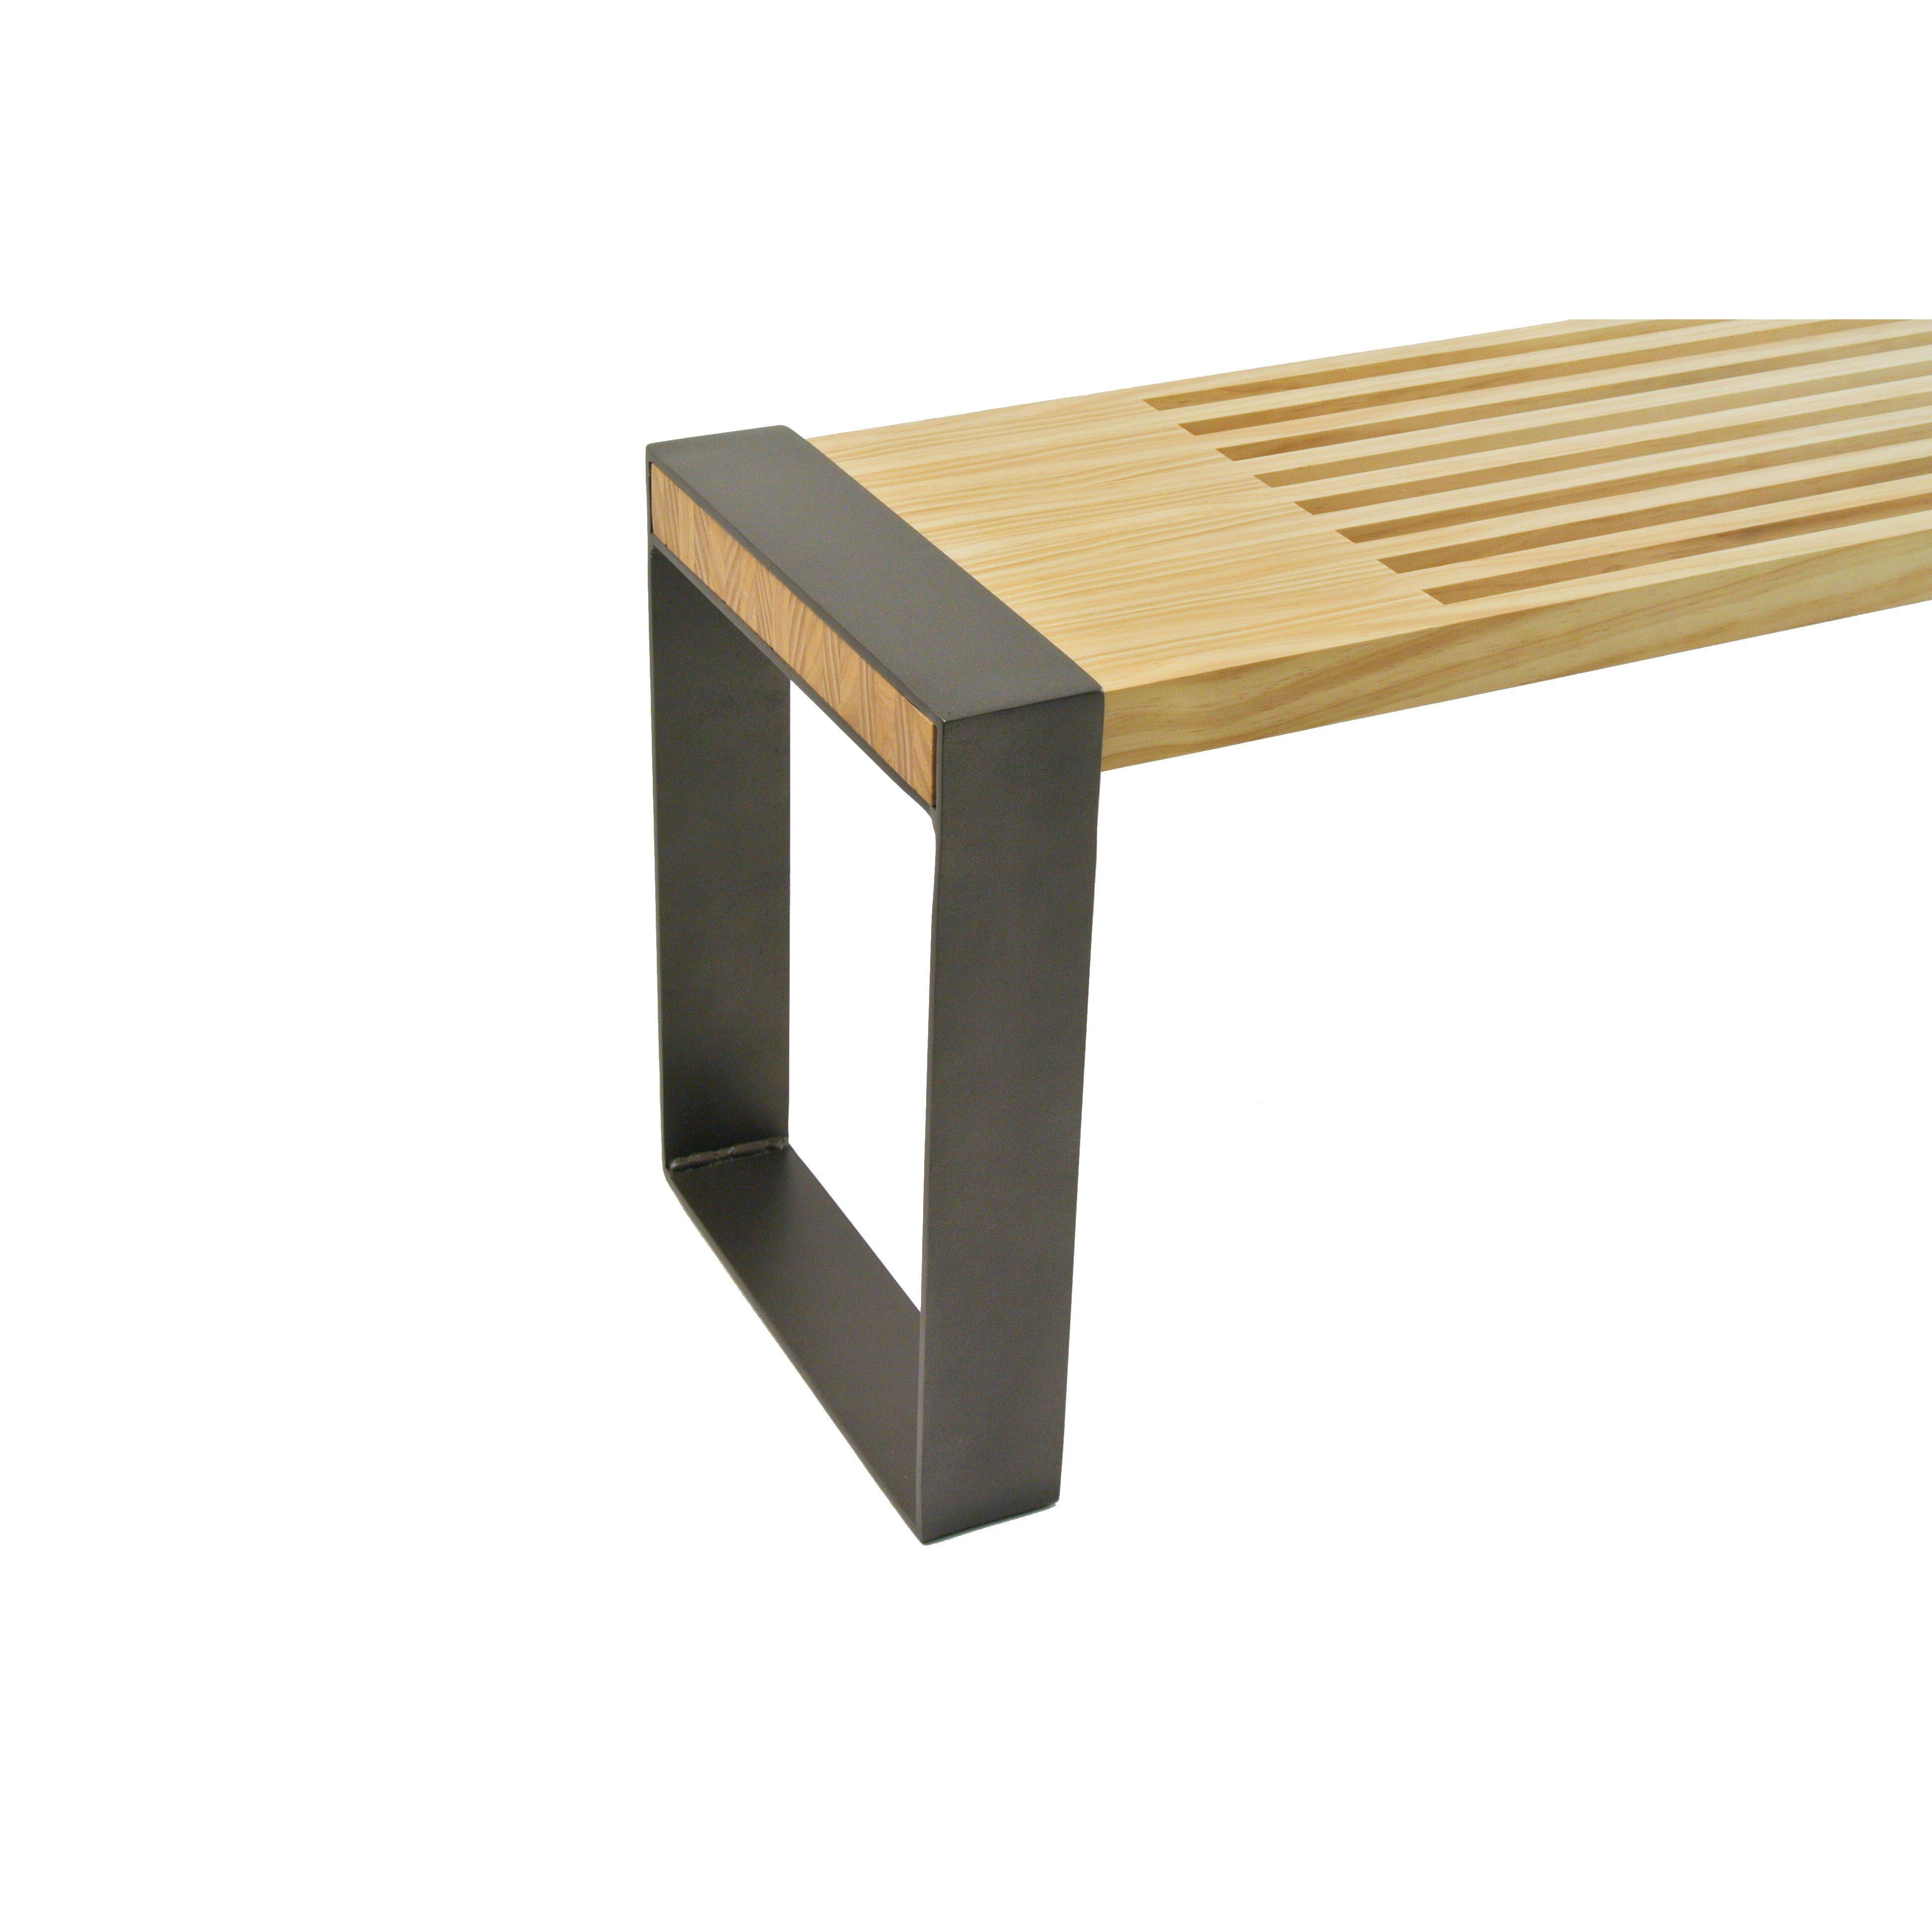 Sterk Furniture Company Sterk Wood Entryway Bench Reviews Wayfair